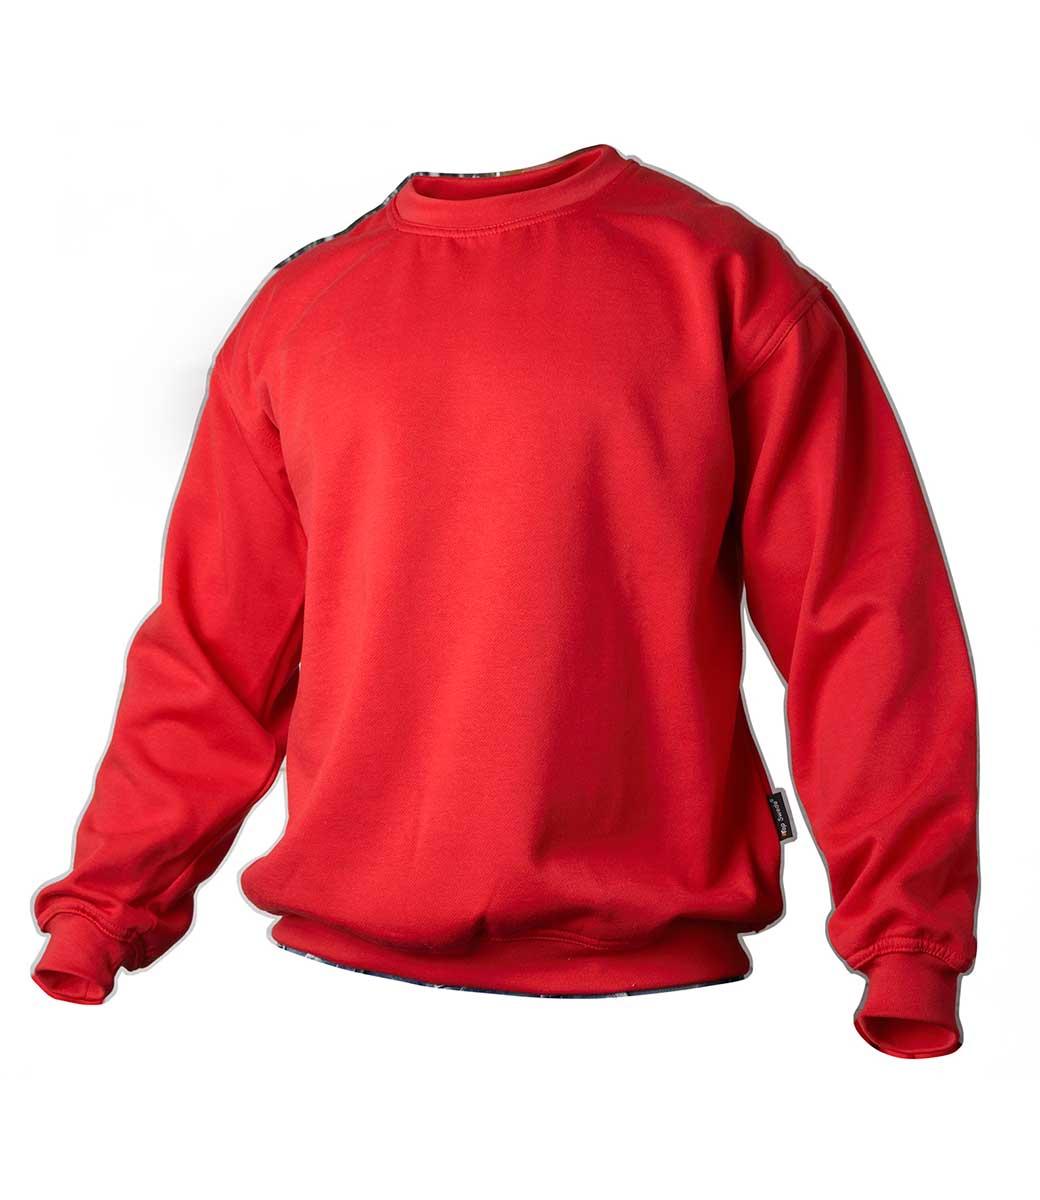 25a0bba1 Rød college genser ~ Ezzenza.no Arbeidsklær